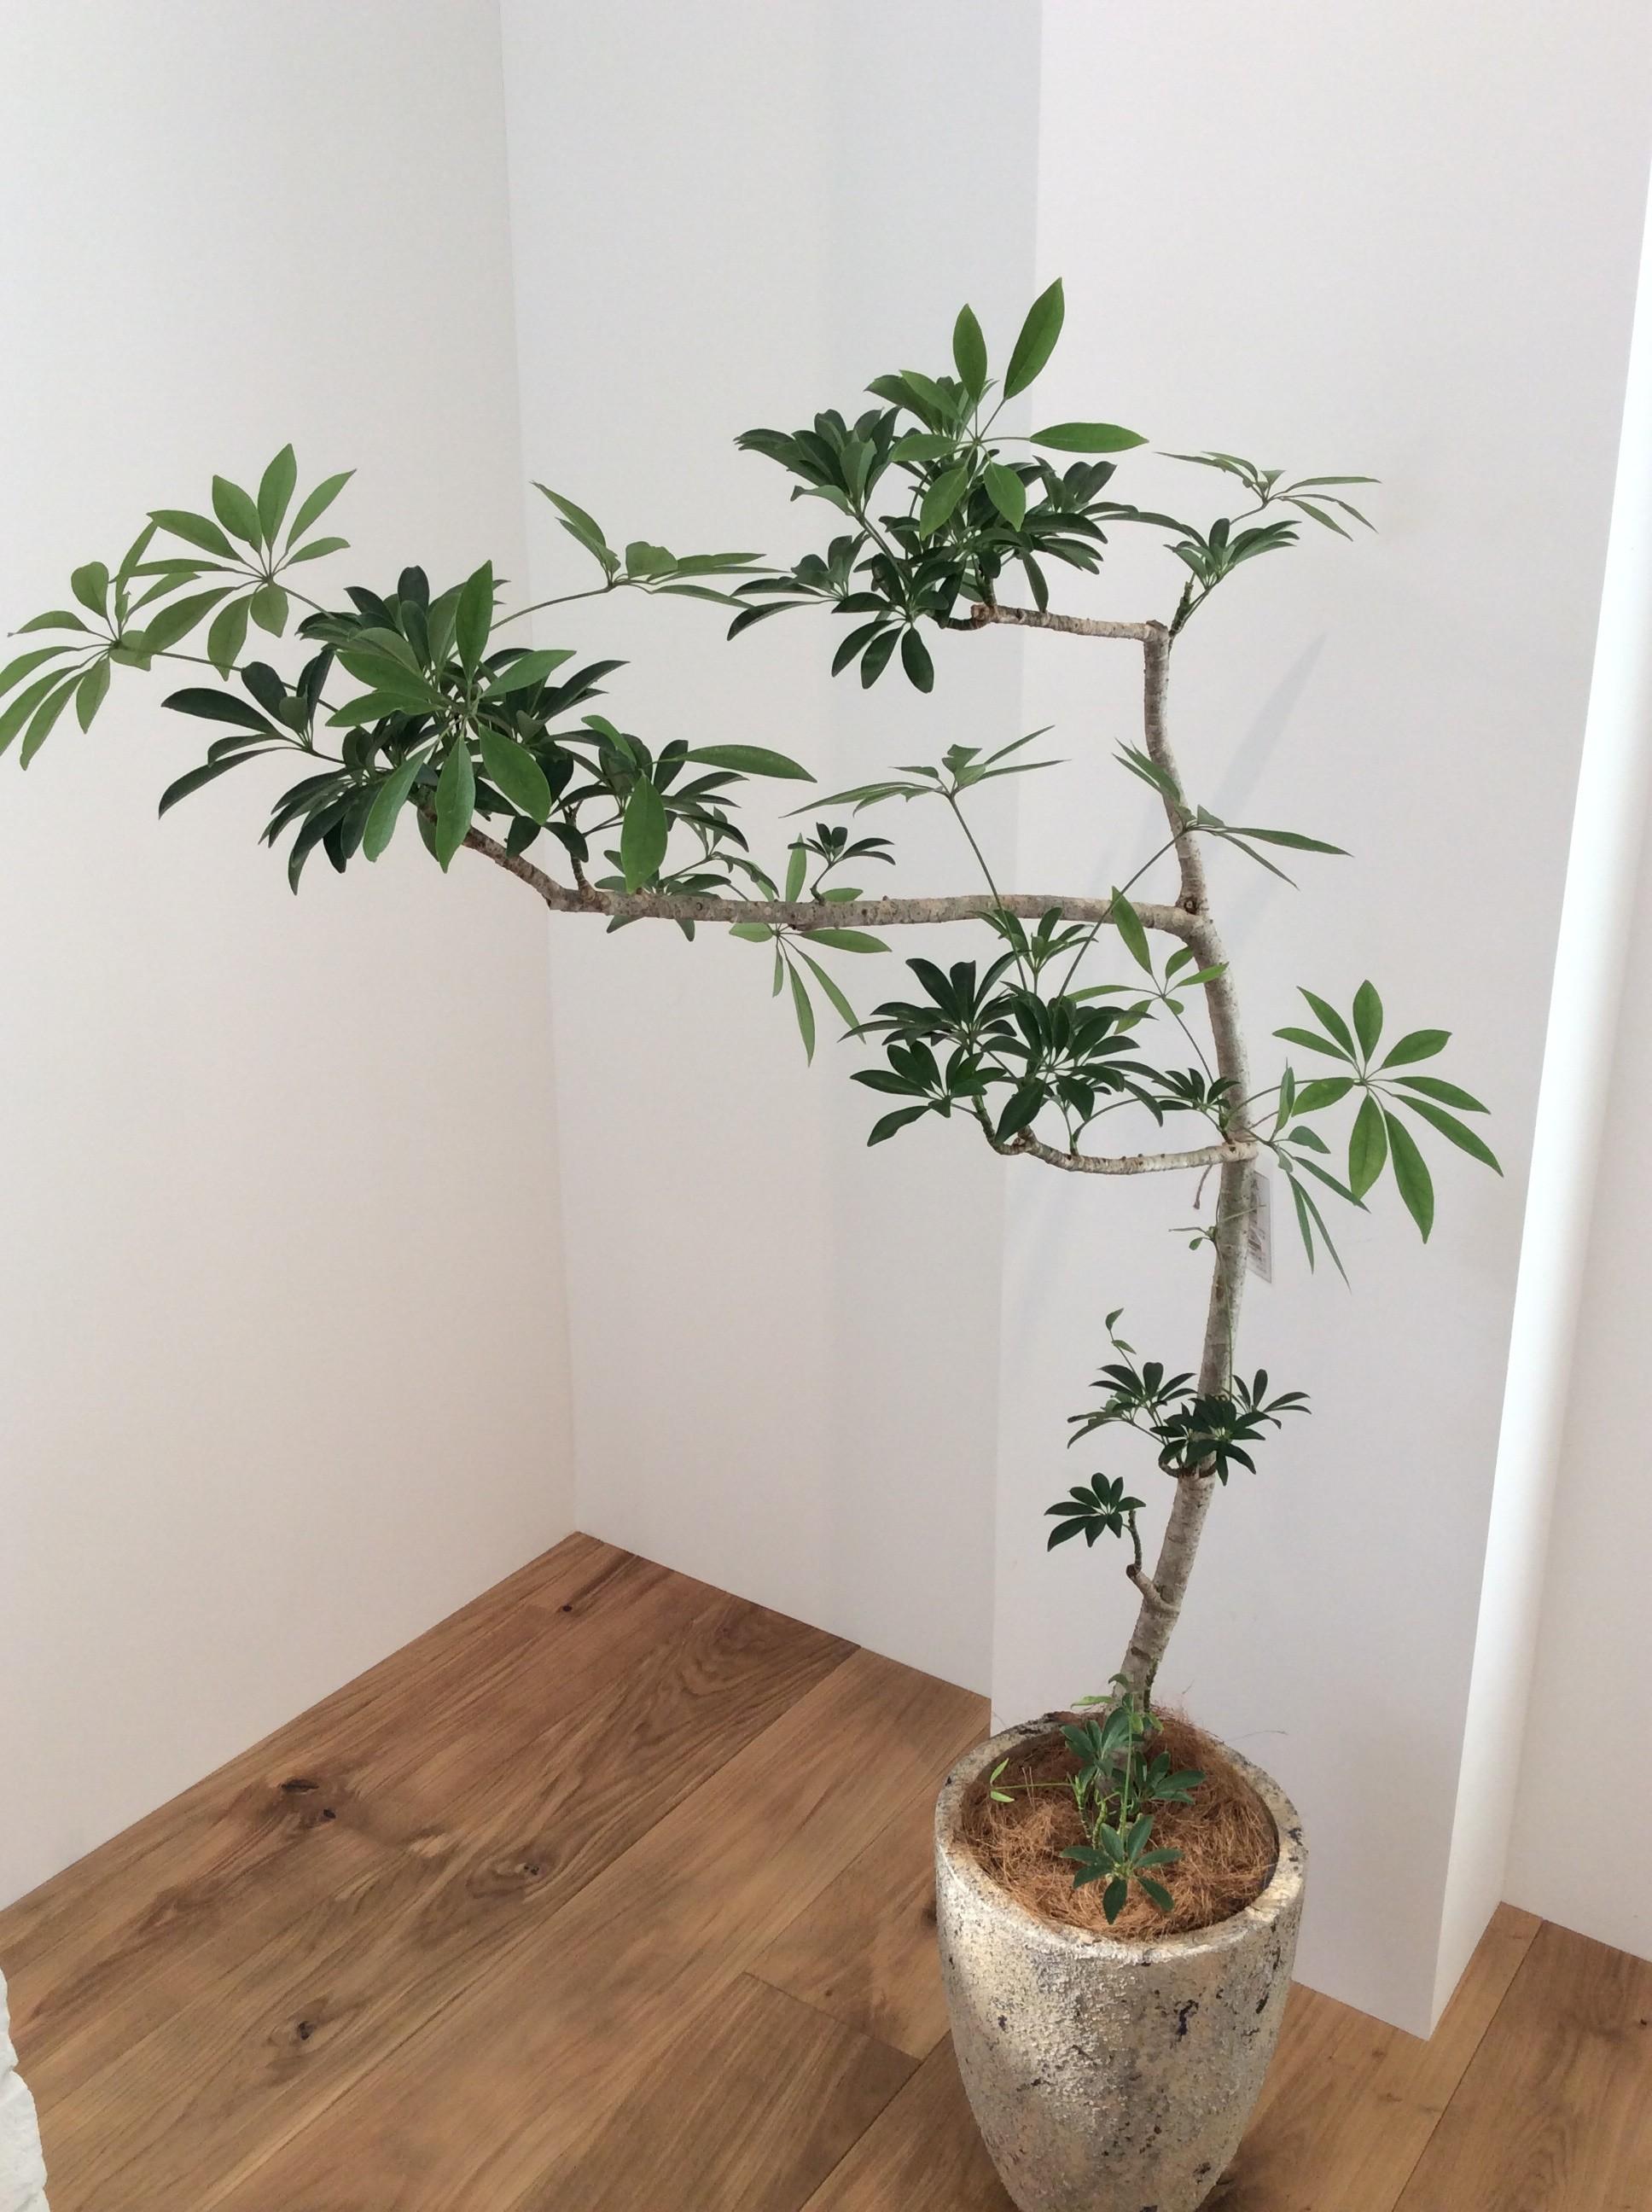 インテリアとしても人気の観葉植物 育てやすい観葉植物はどれ?のサムネイル画像